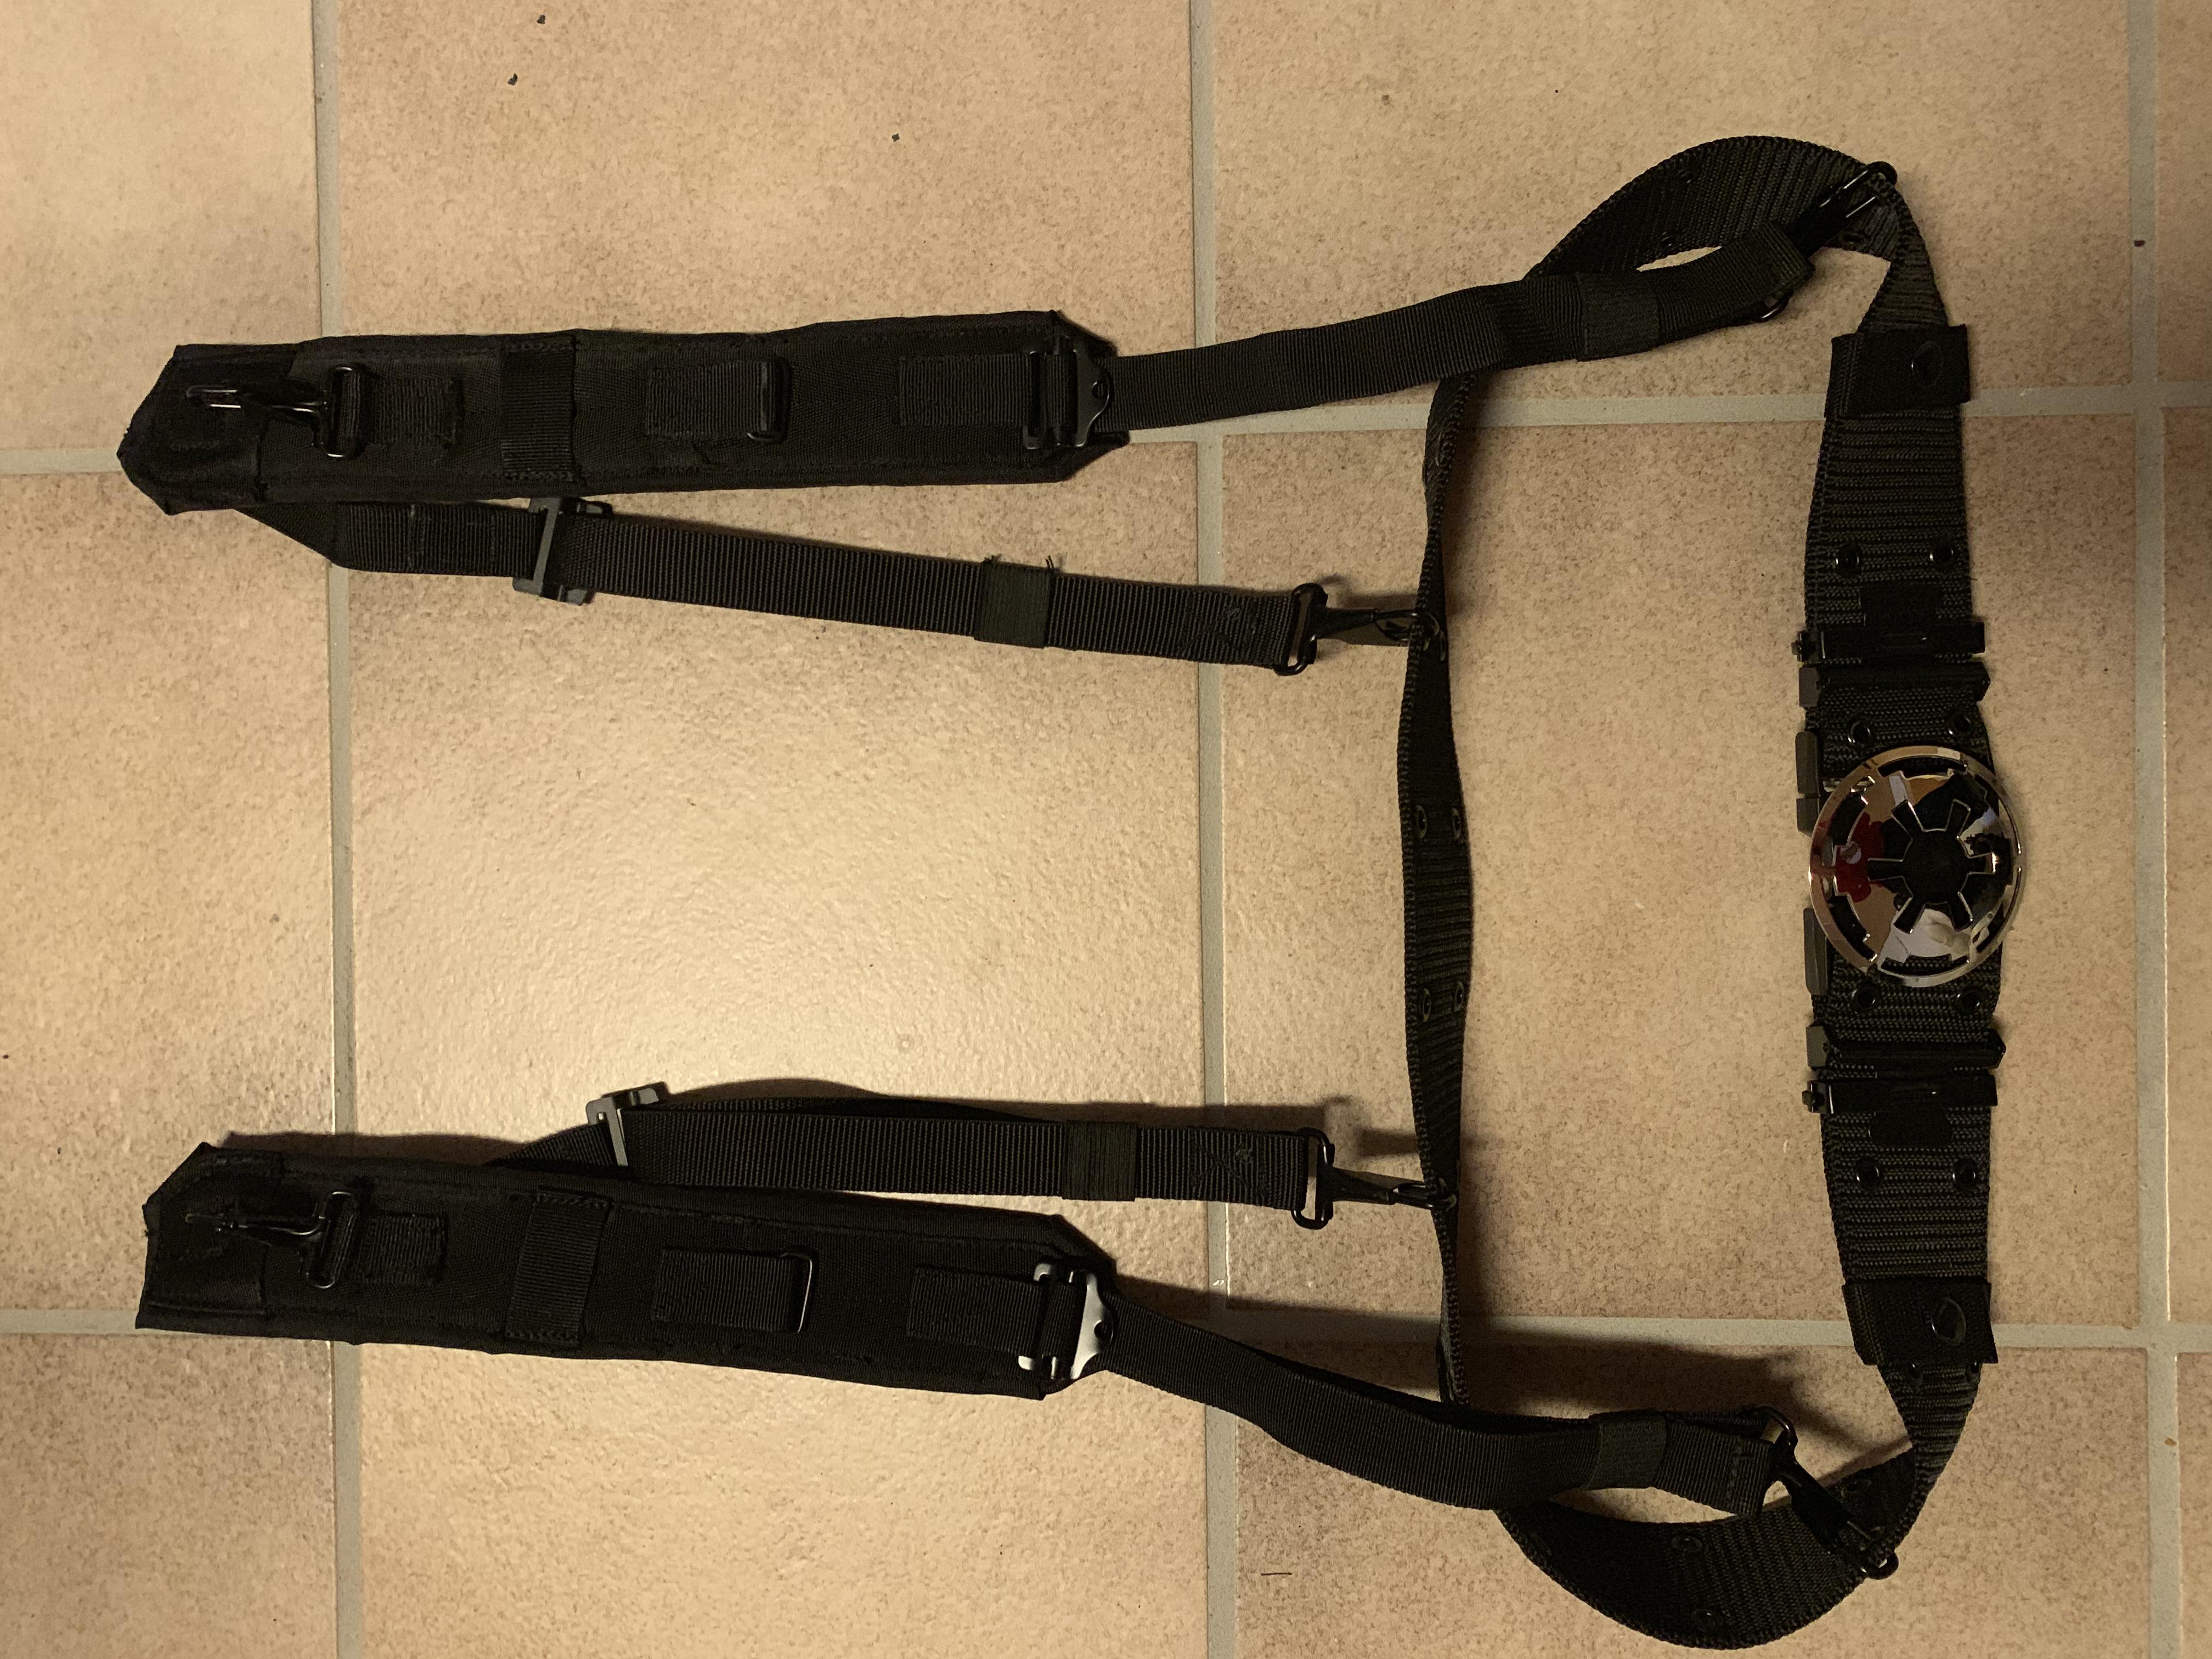 s438647550.online.de/PICS/harness_2.JPG